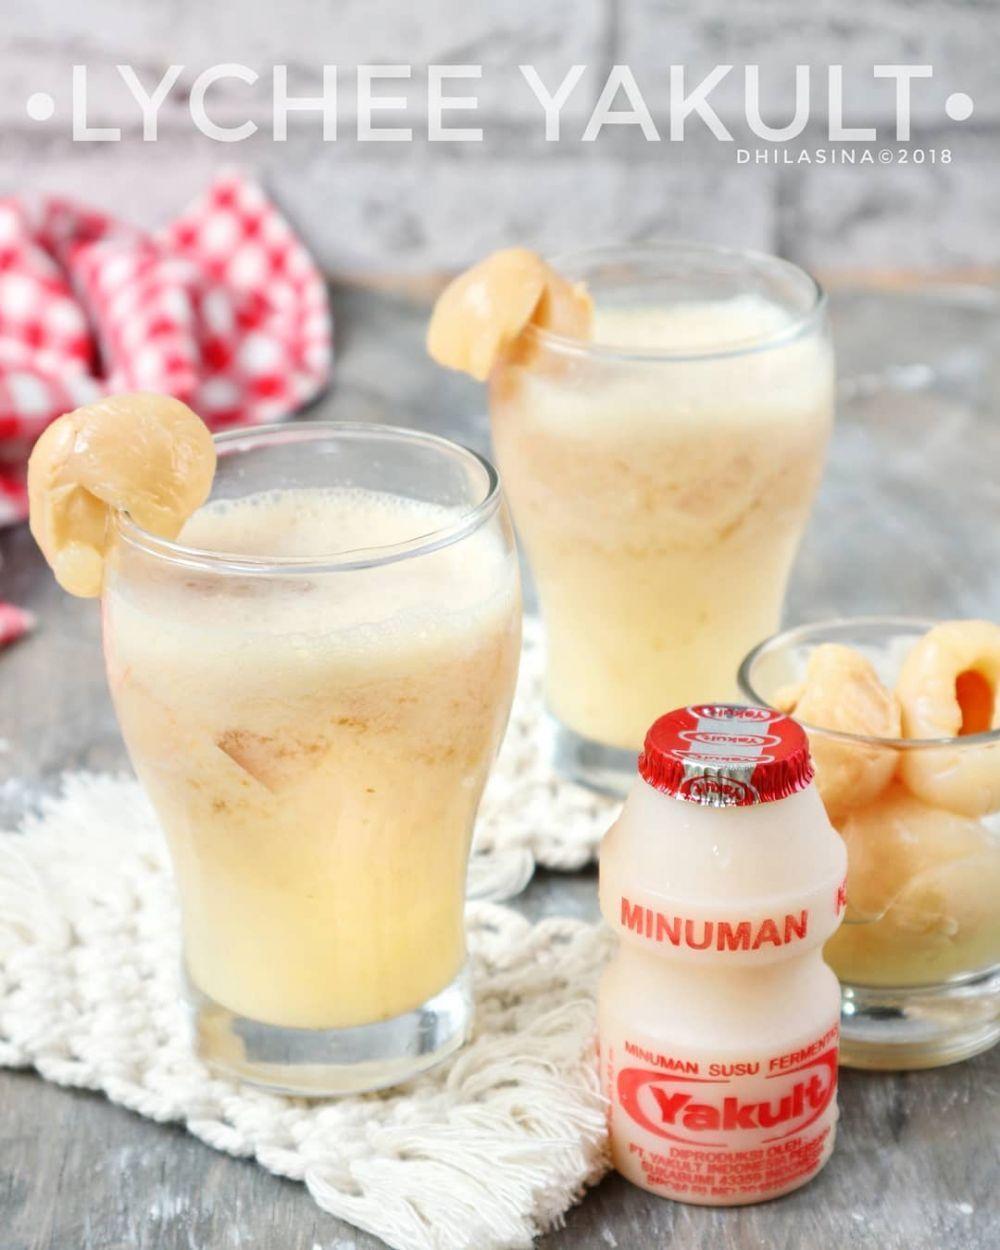 Resep Lychee Yakult Resep Minuman Resep Resep Juice